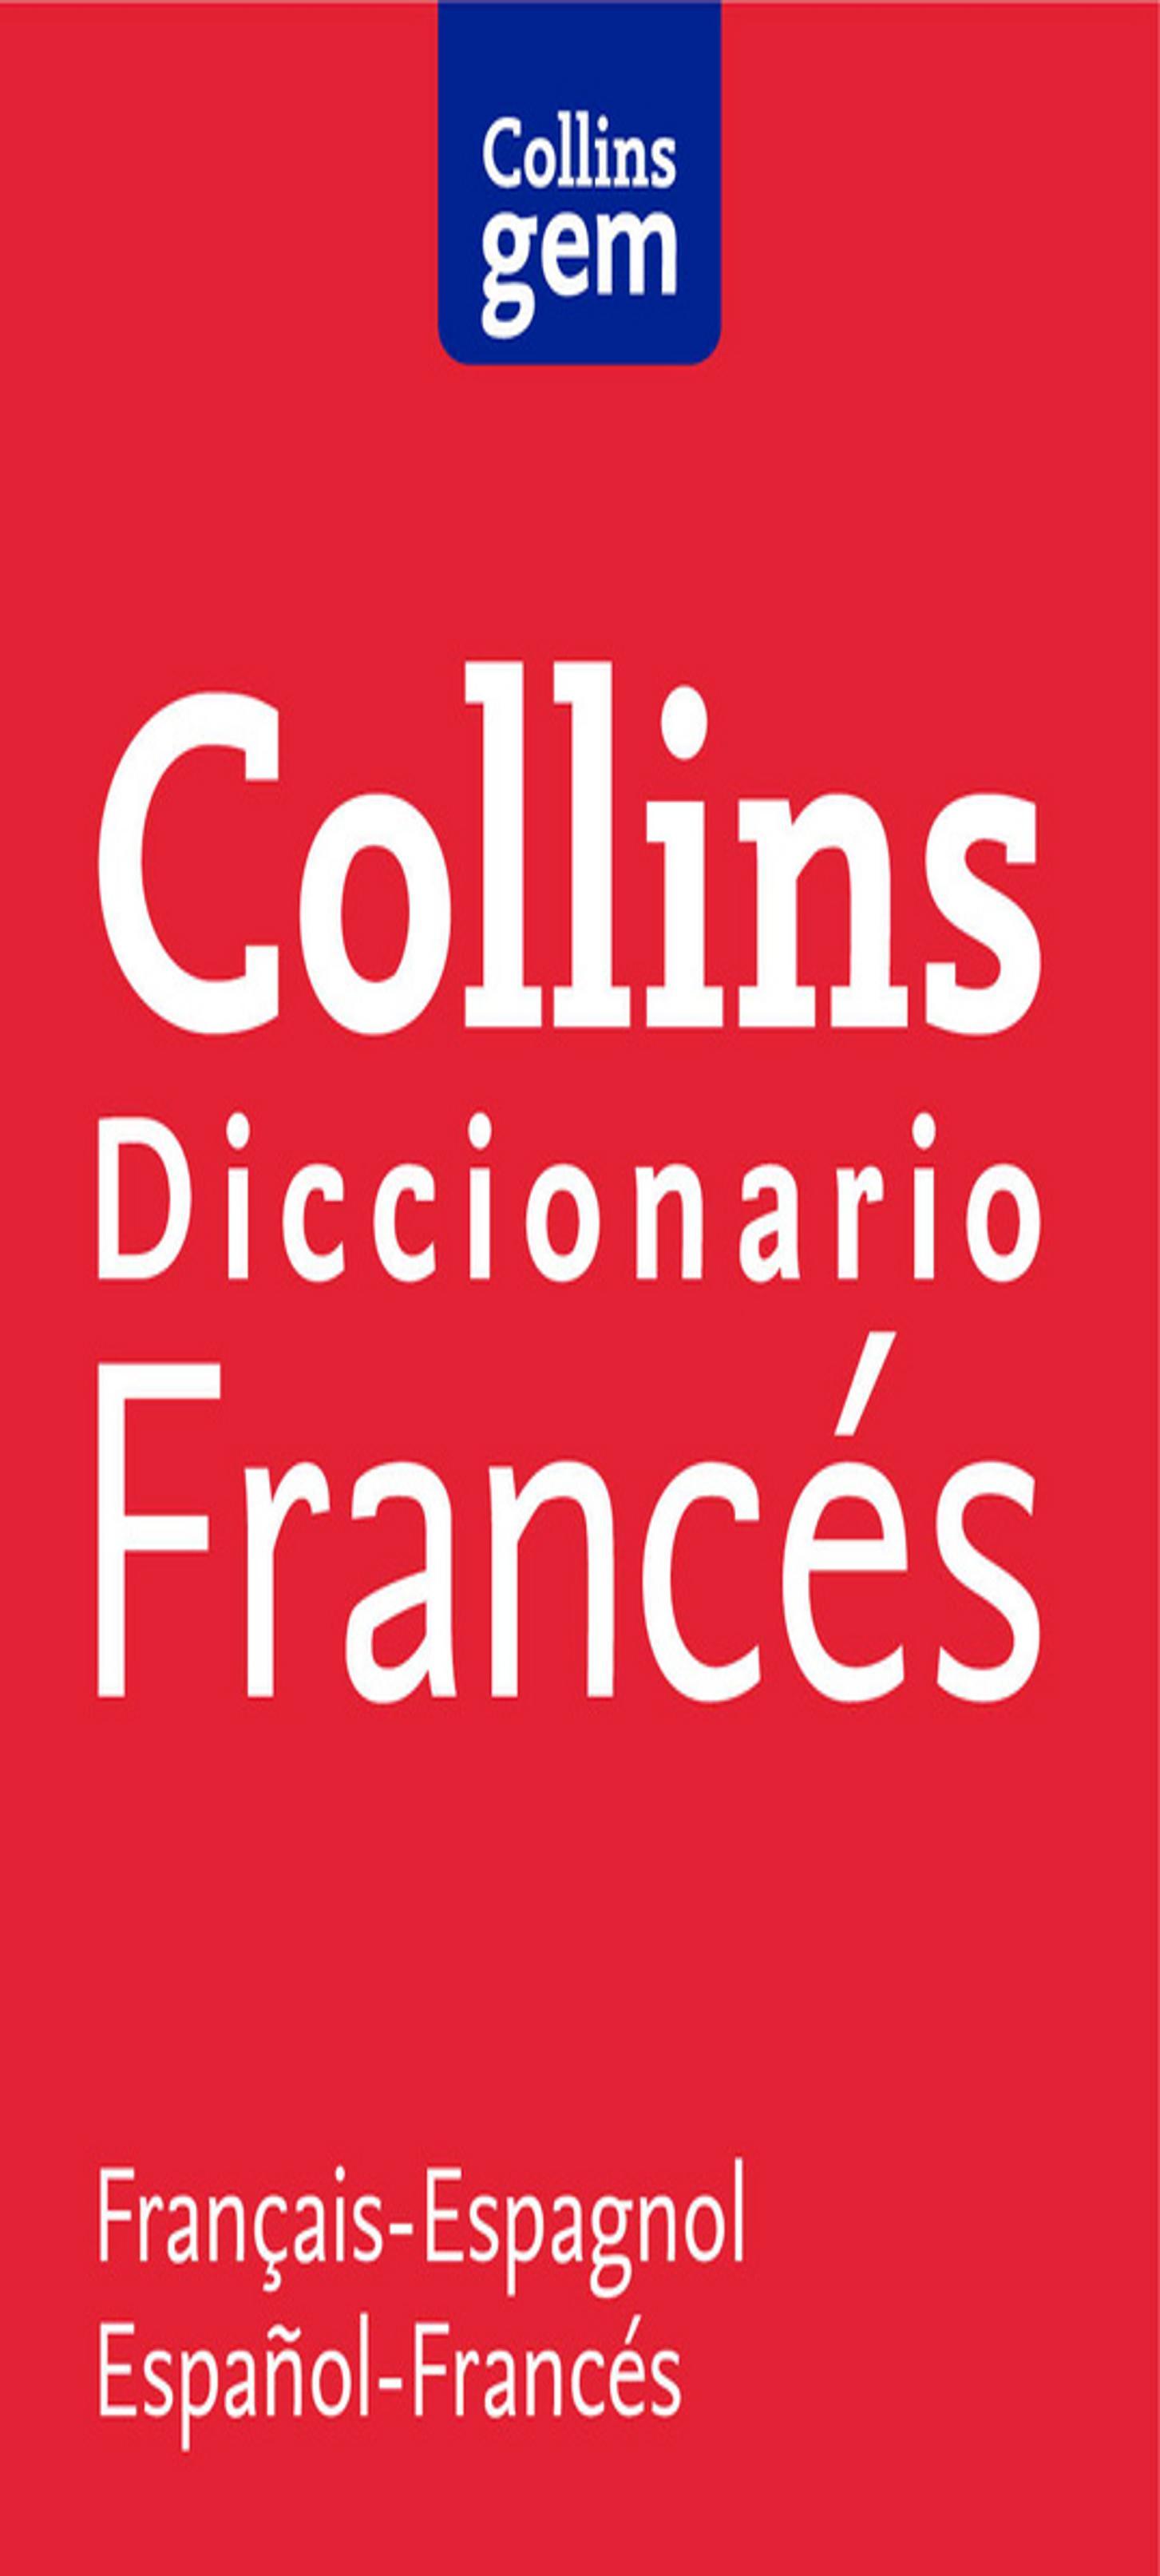 DICC COLLINS GEM Francés - Español / Español - Francés Ed 2015